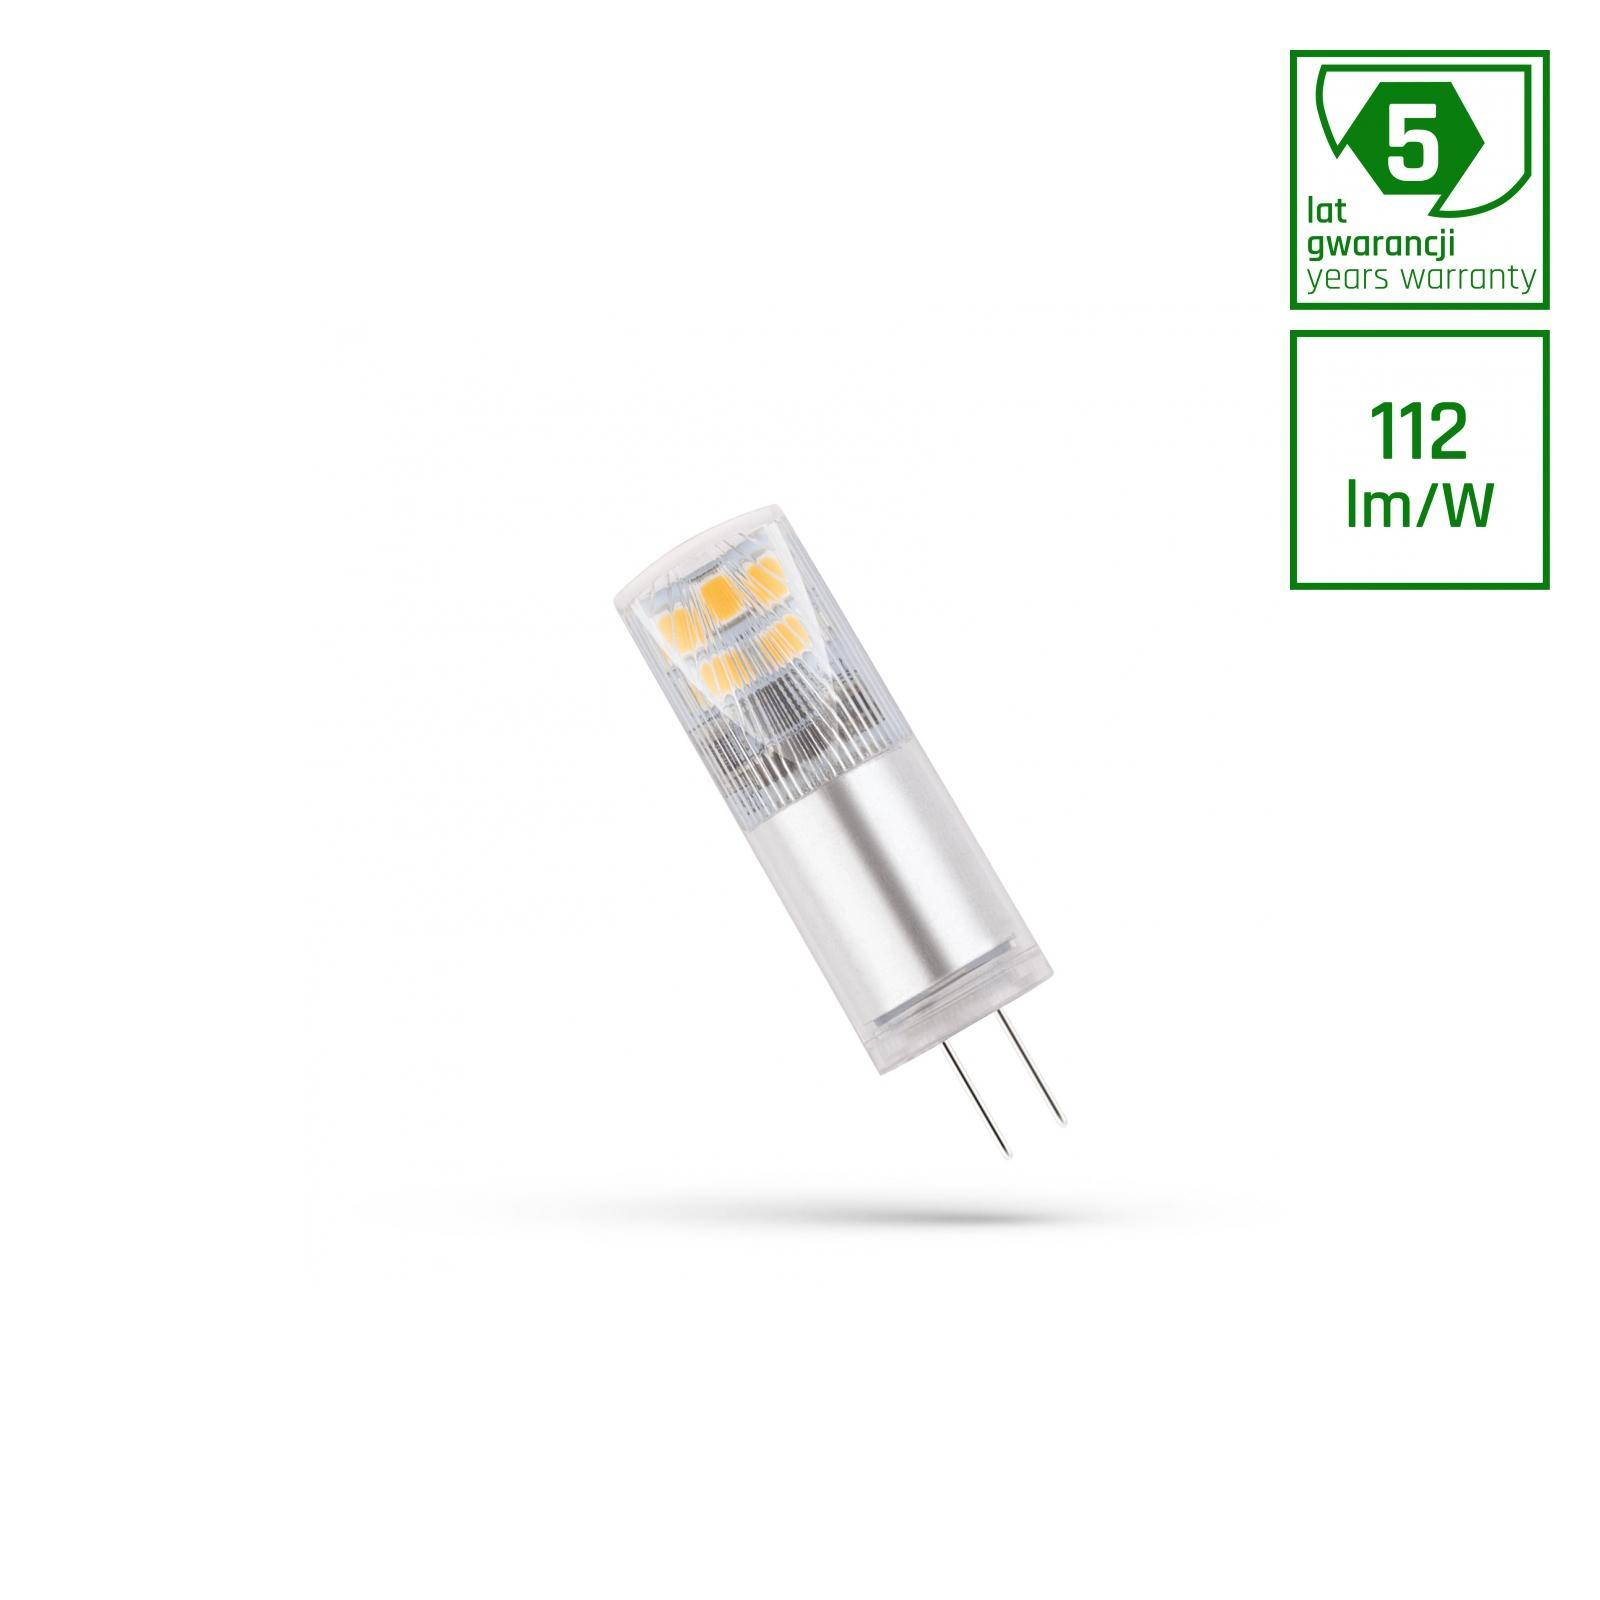 LED G4 12V 2,5W Neutrální bílá 5 LAT PREMIUM SPECTRUM